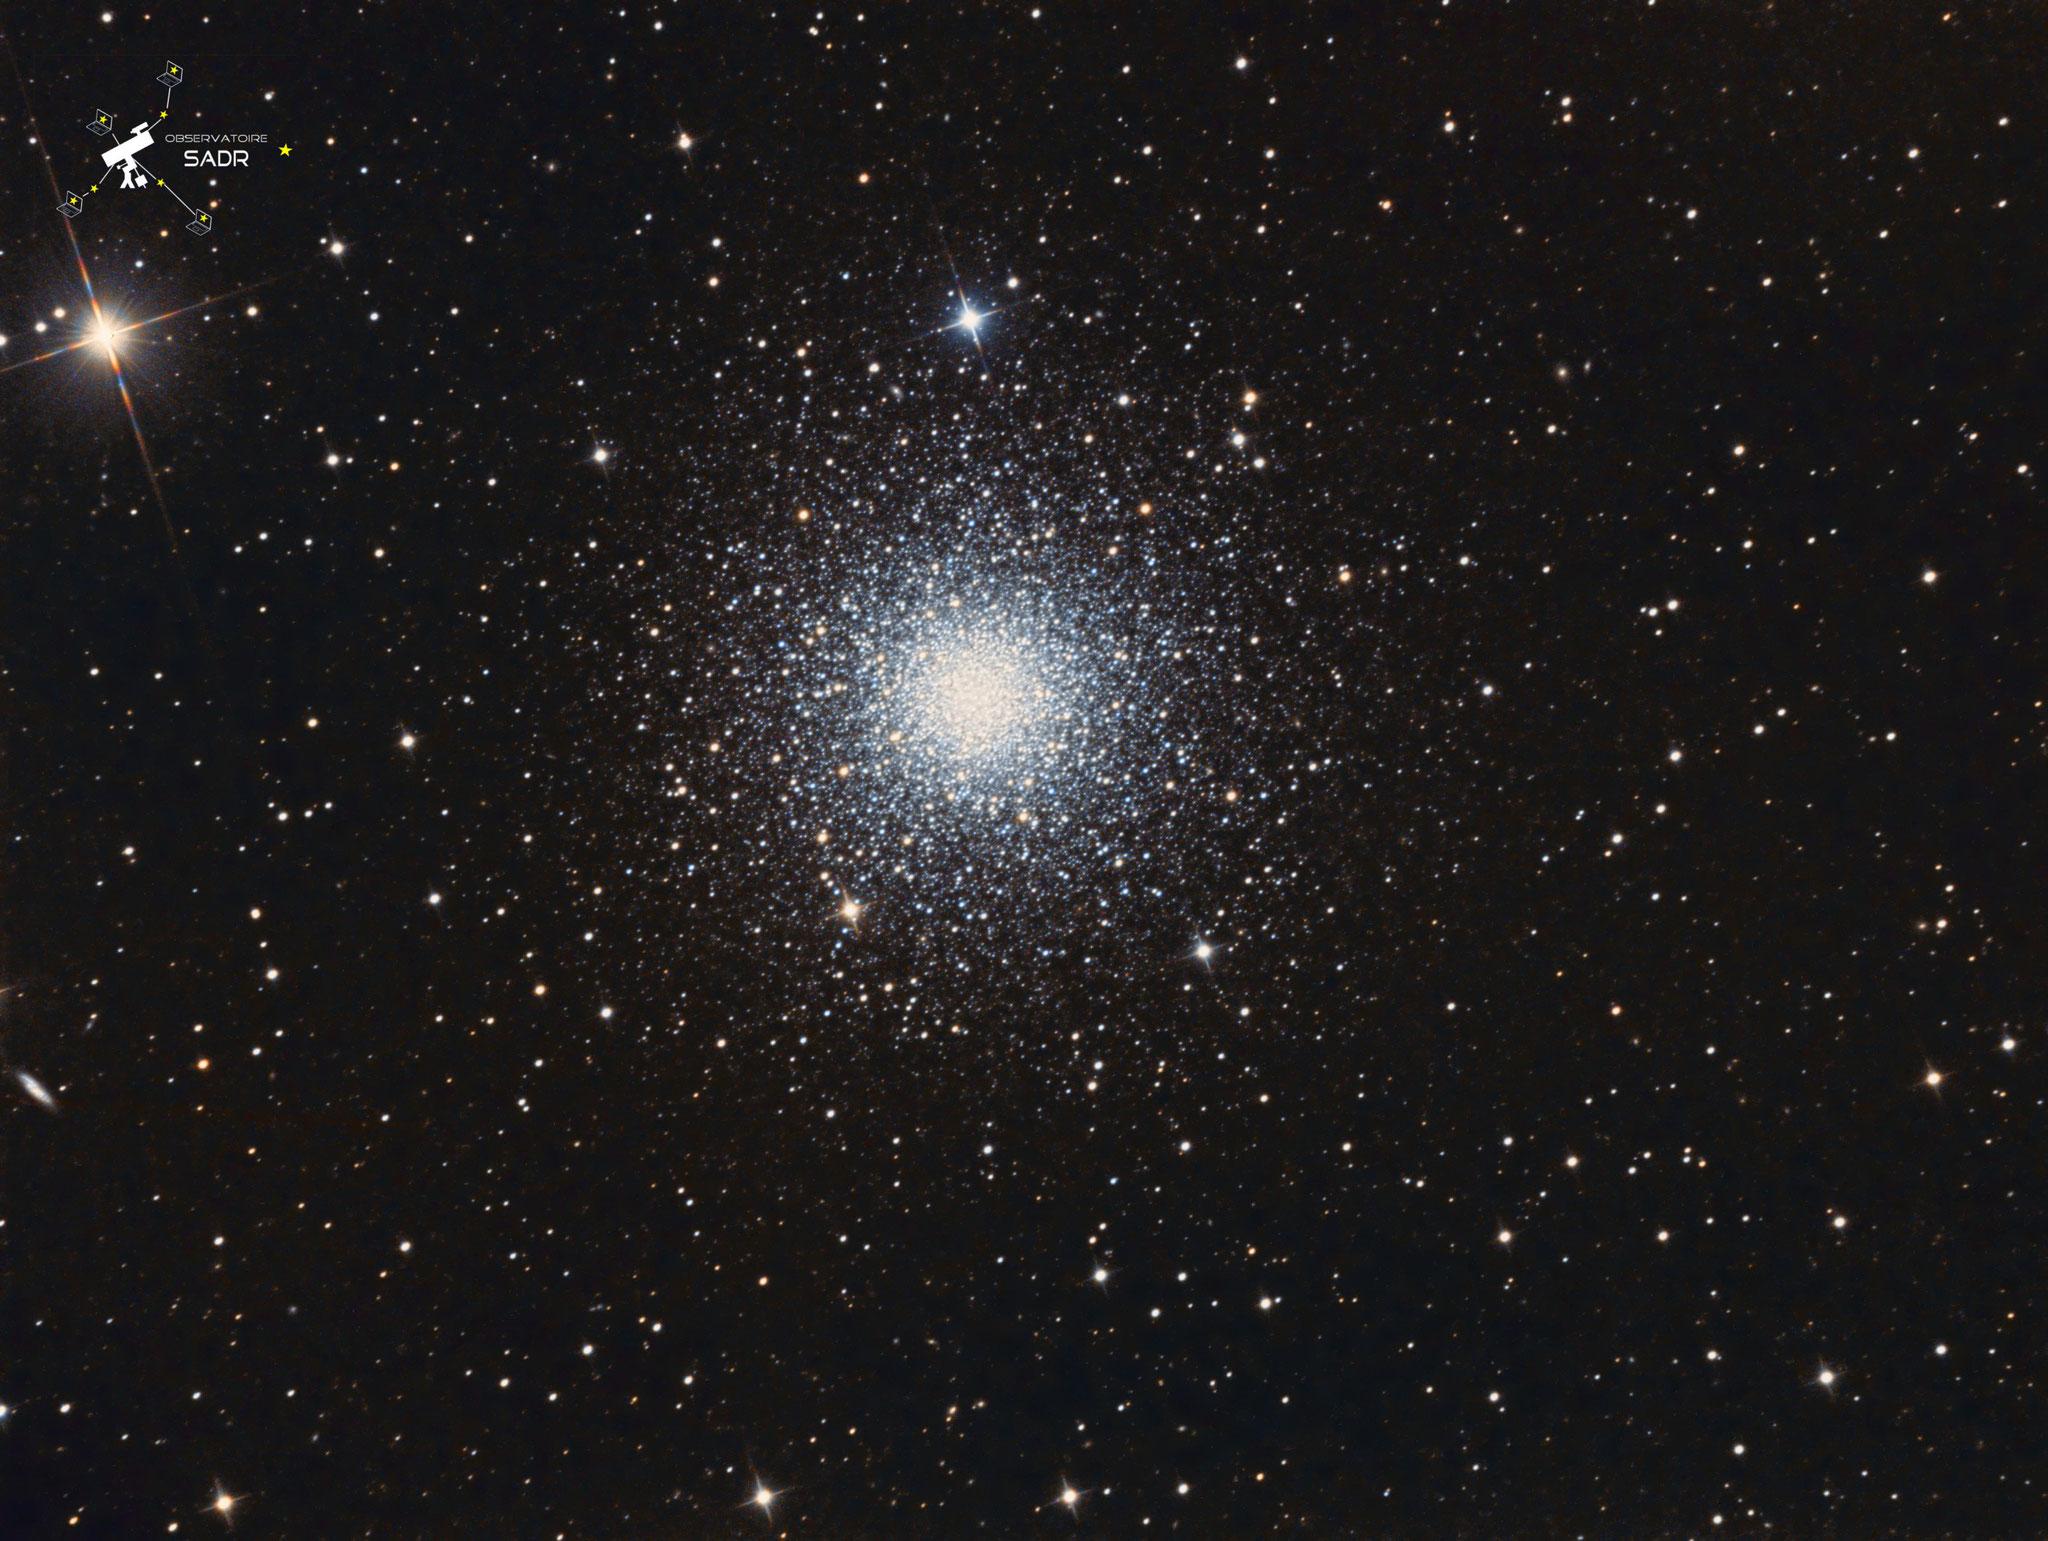 M3, lum (40x3min), RVB (5x3min), 20 avril 2017, Lionel